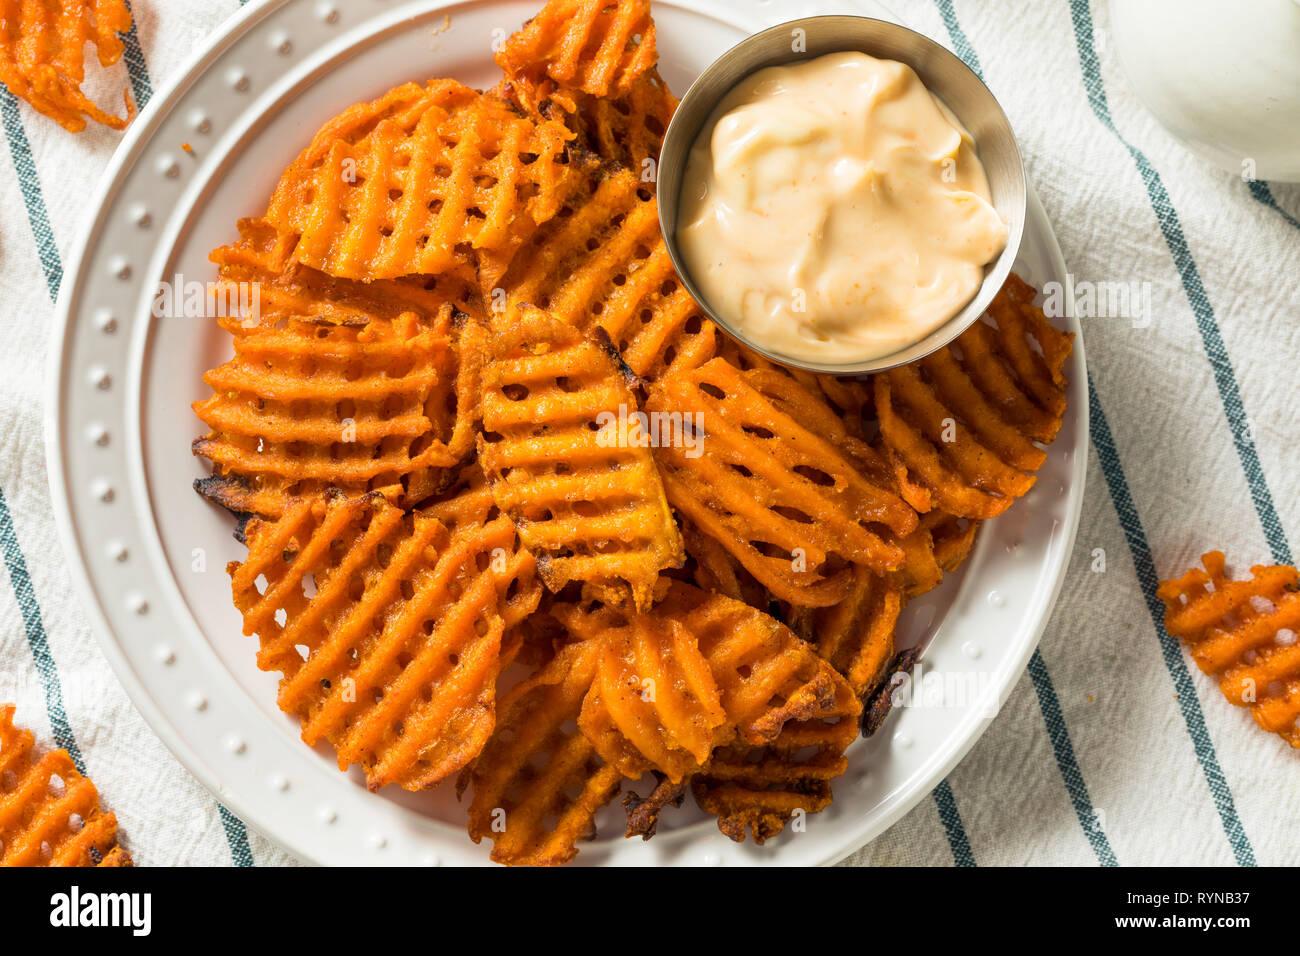 Waffle Fries Stock Photos & Waffle Fries Stock Images - Alamy